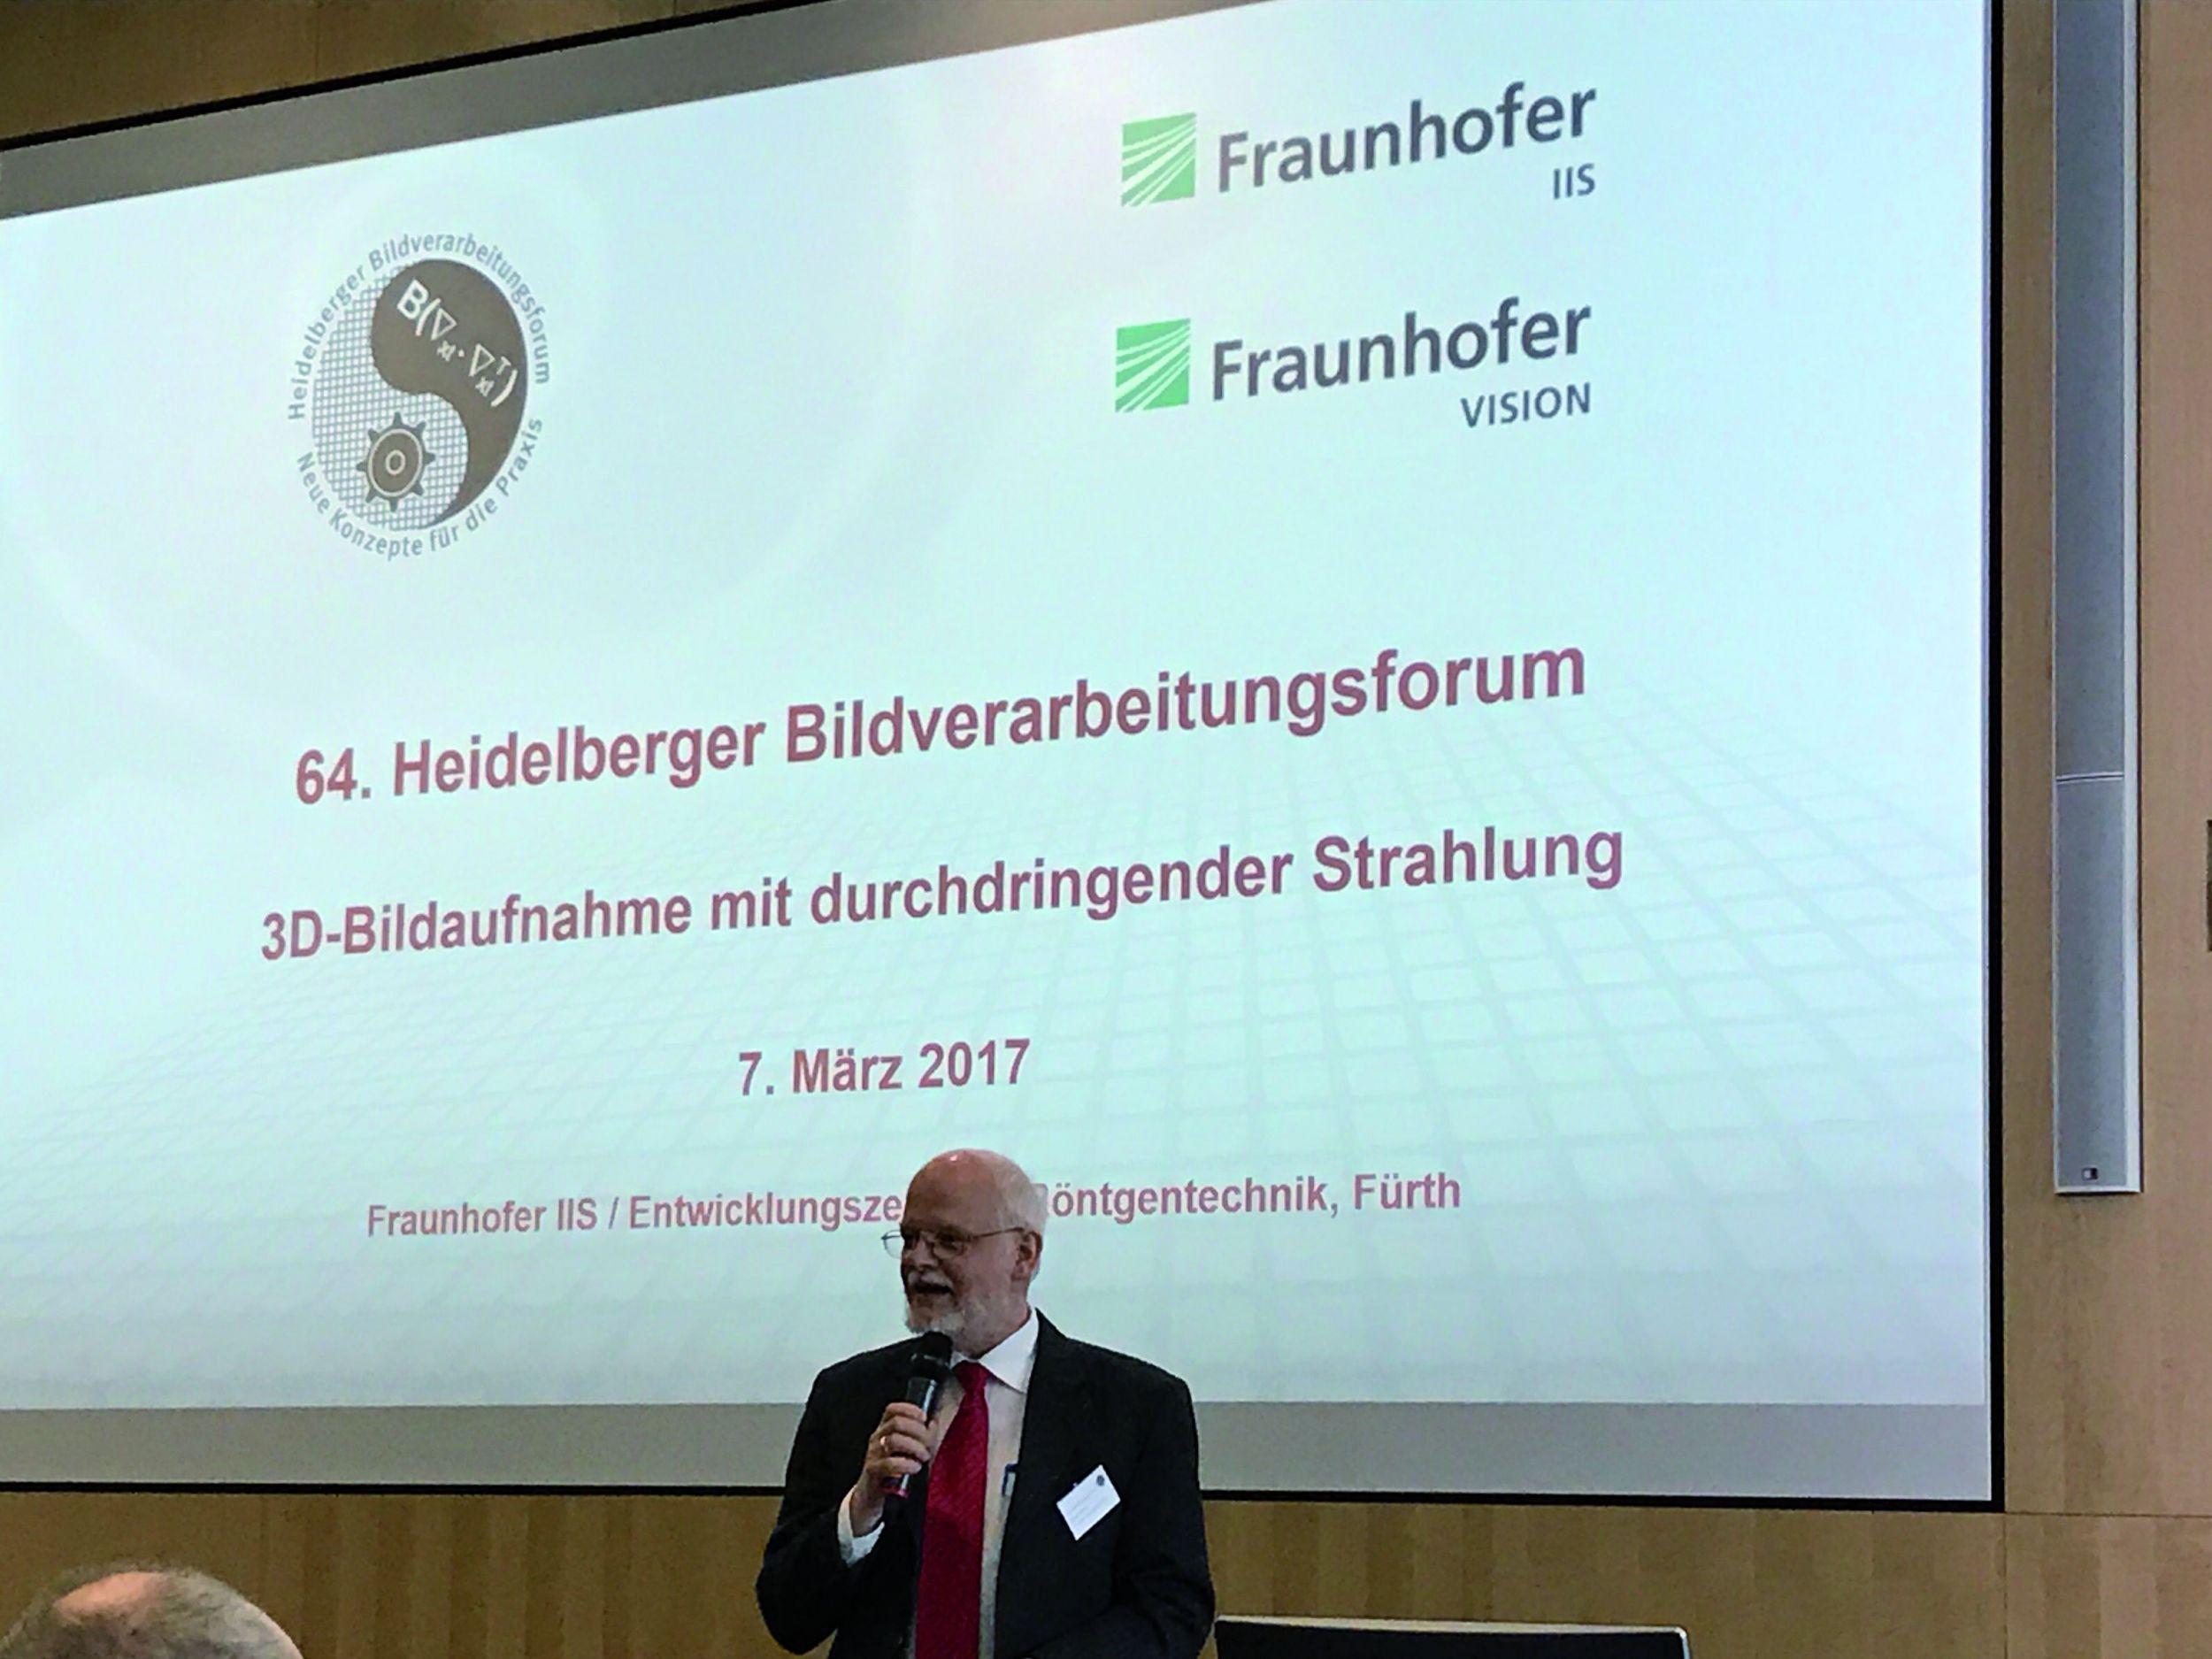 65. Heidelberger Bildverarbeitungsforum